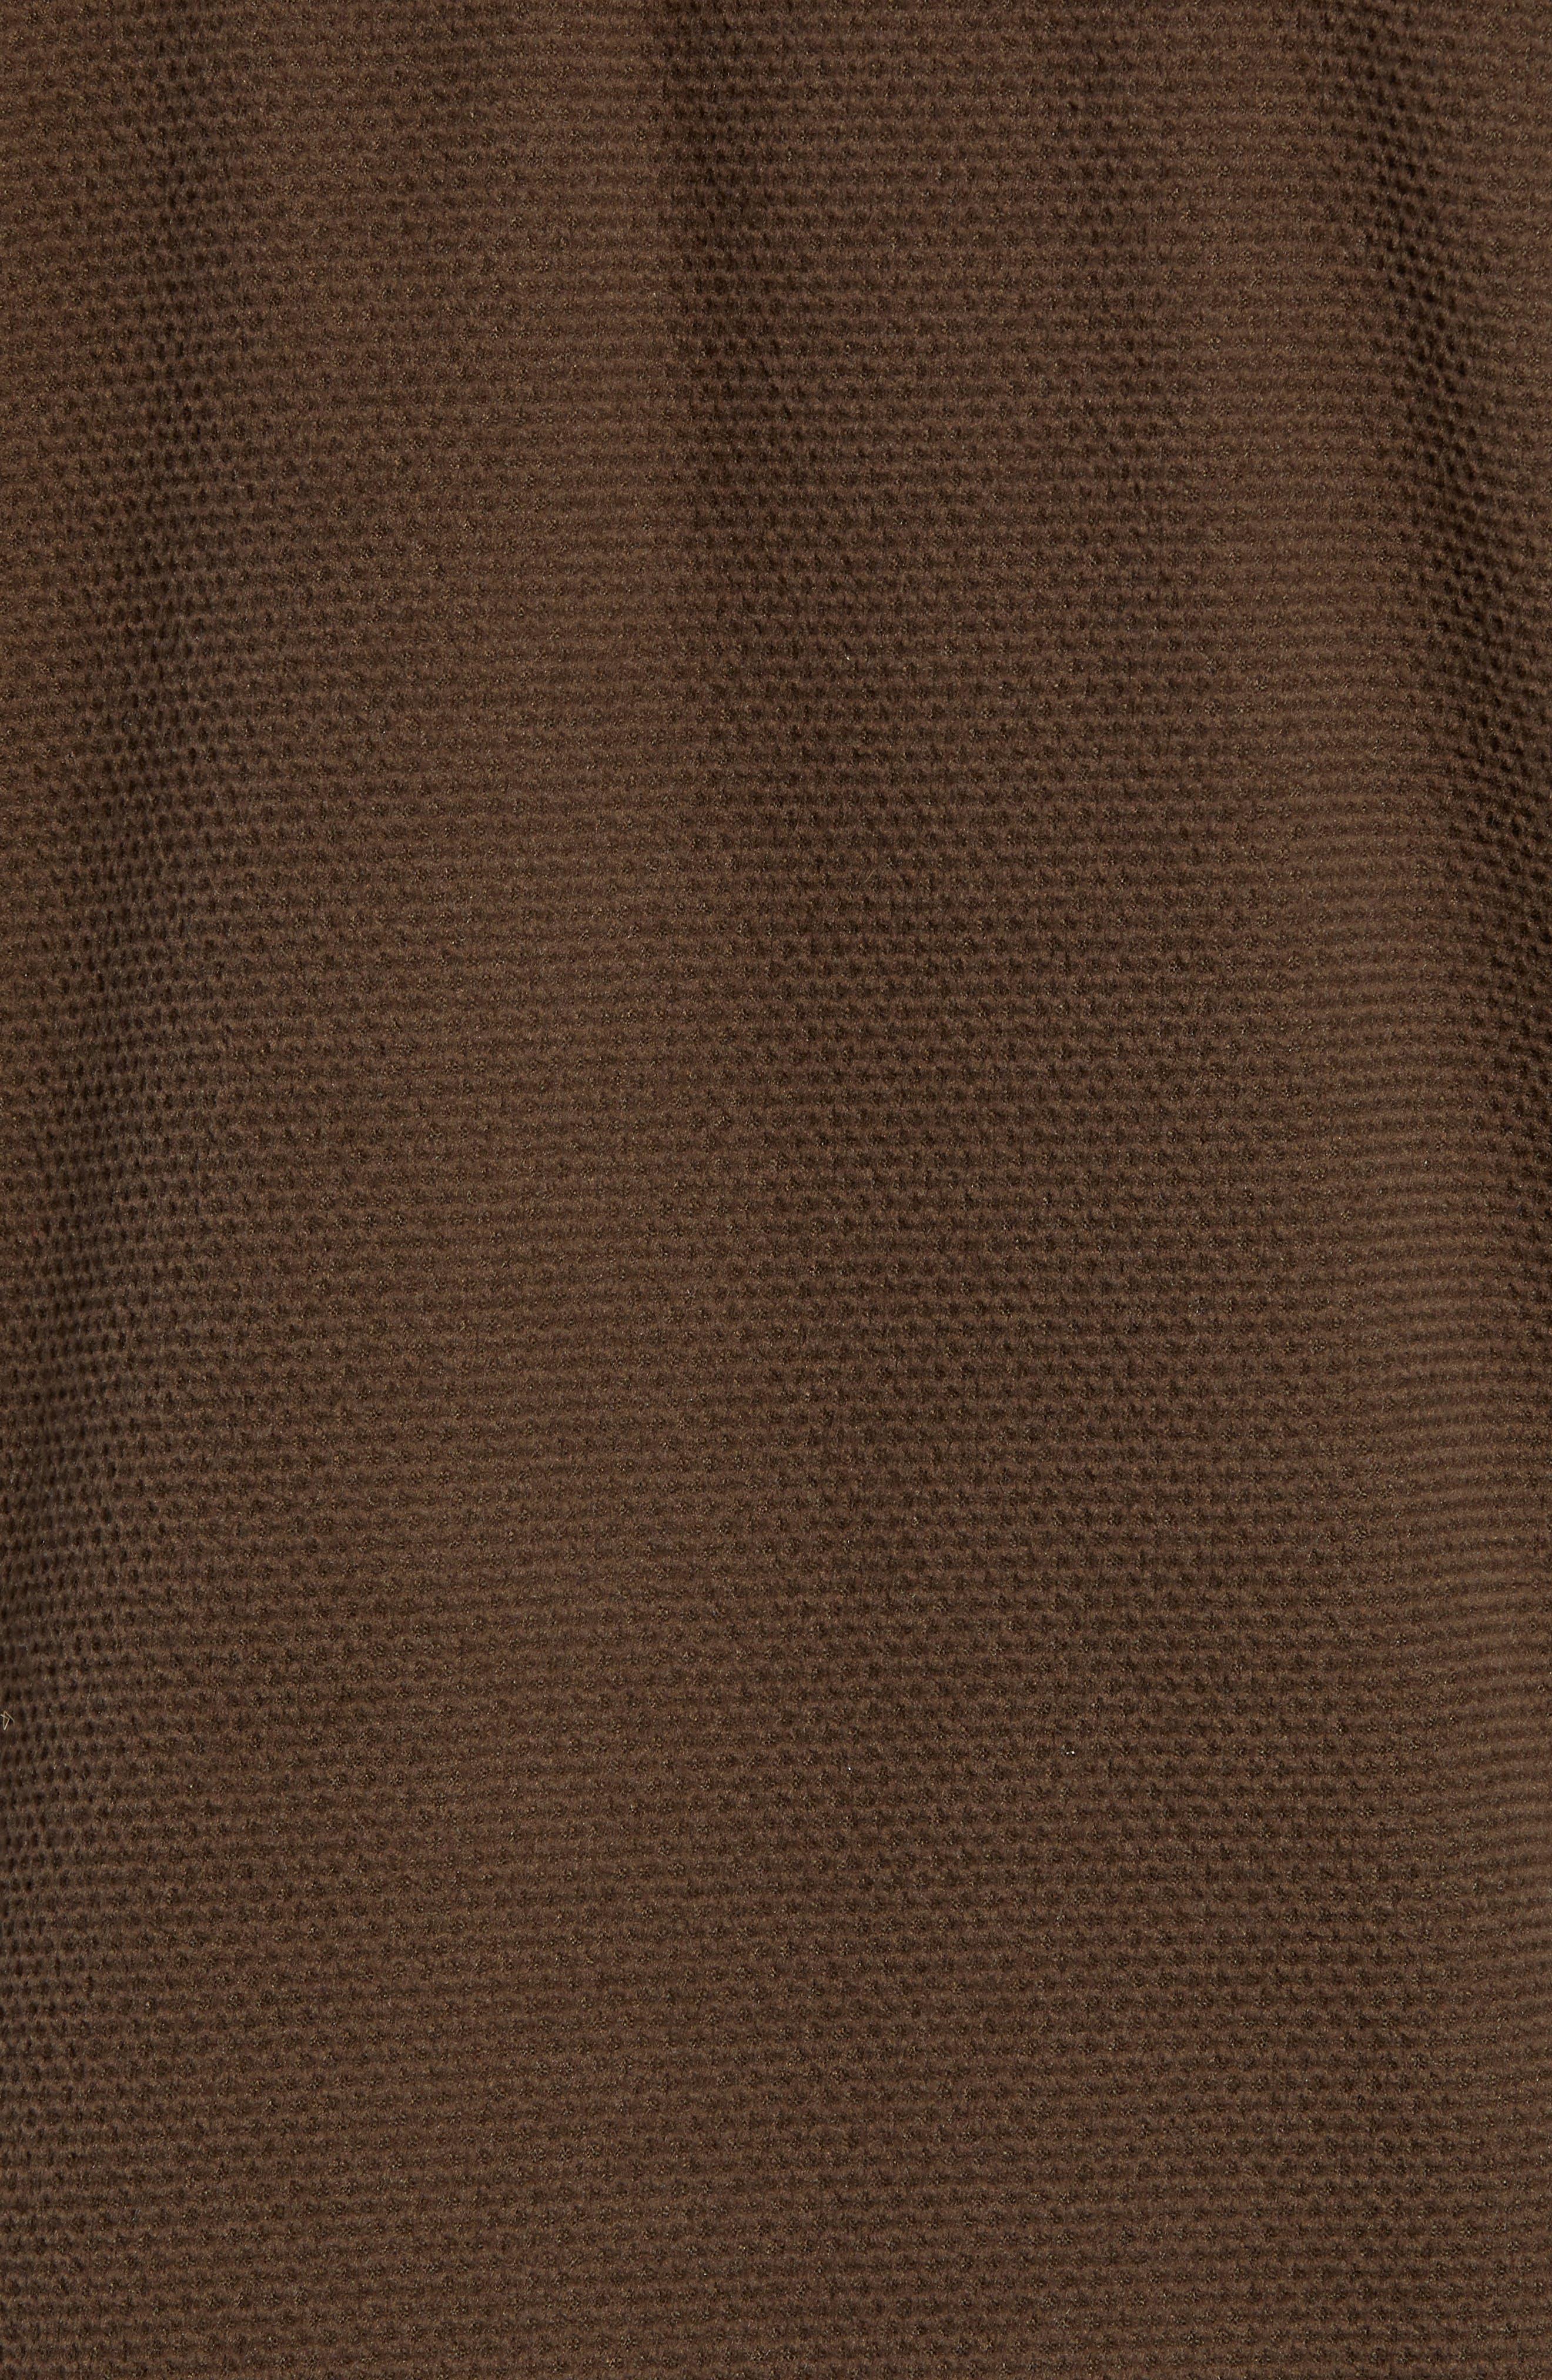 Texture Cap Rock Quarter Zip Fleece Jacket,                             Alternate thumbnail 5, color,                             BRACKEN BROWN